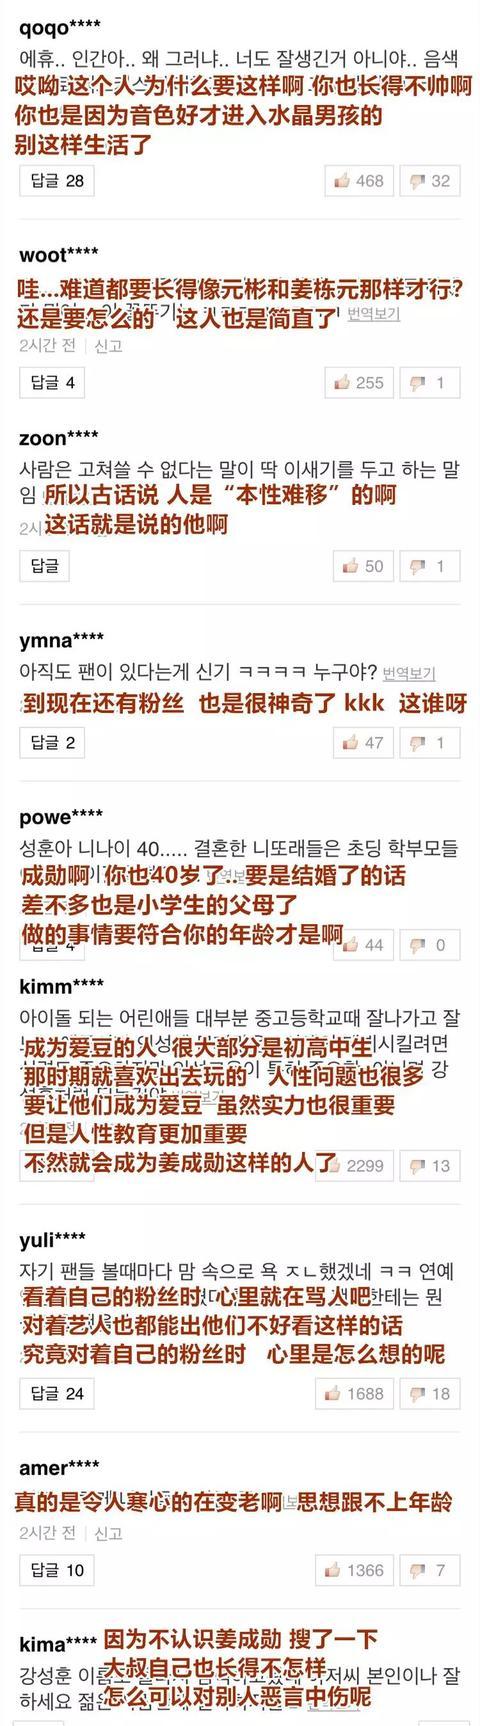 姜成勋旧发言被扒:现在男爱豆丑爆了